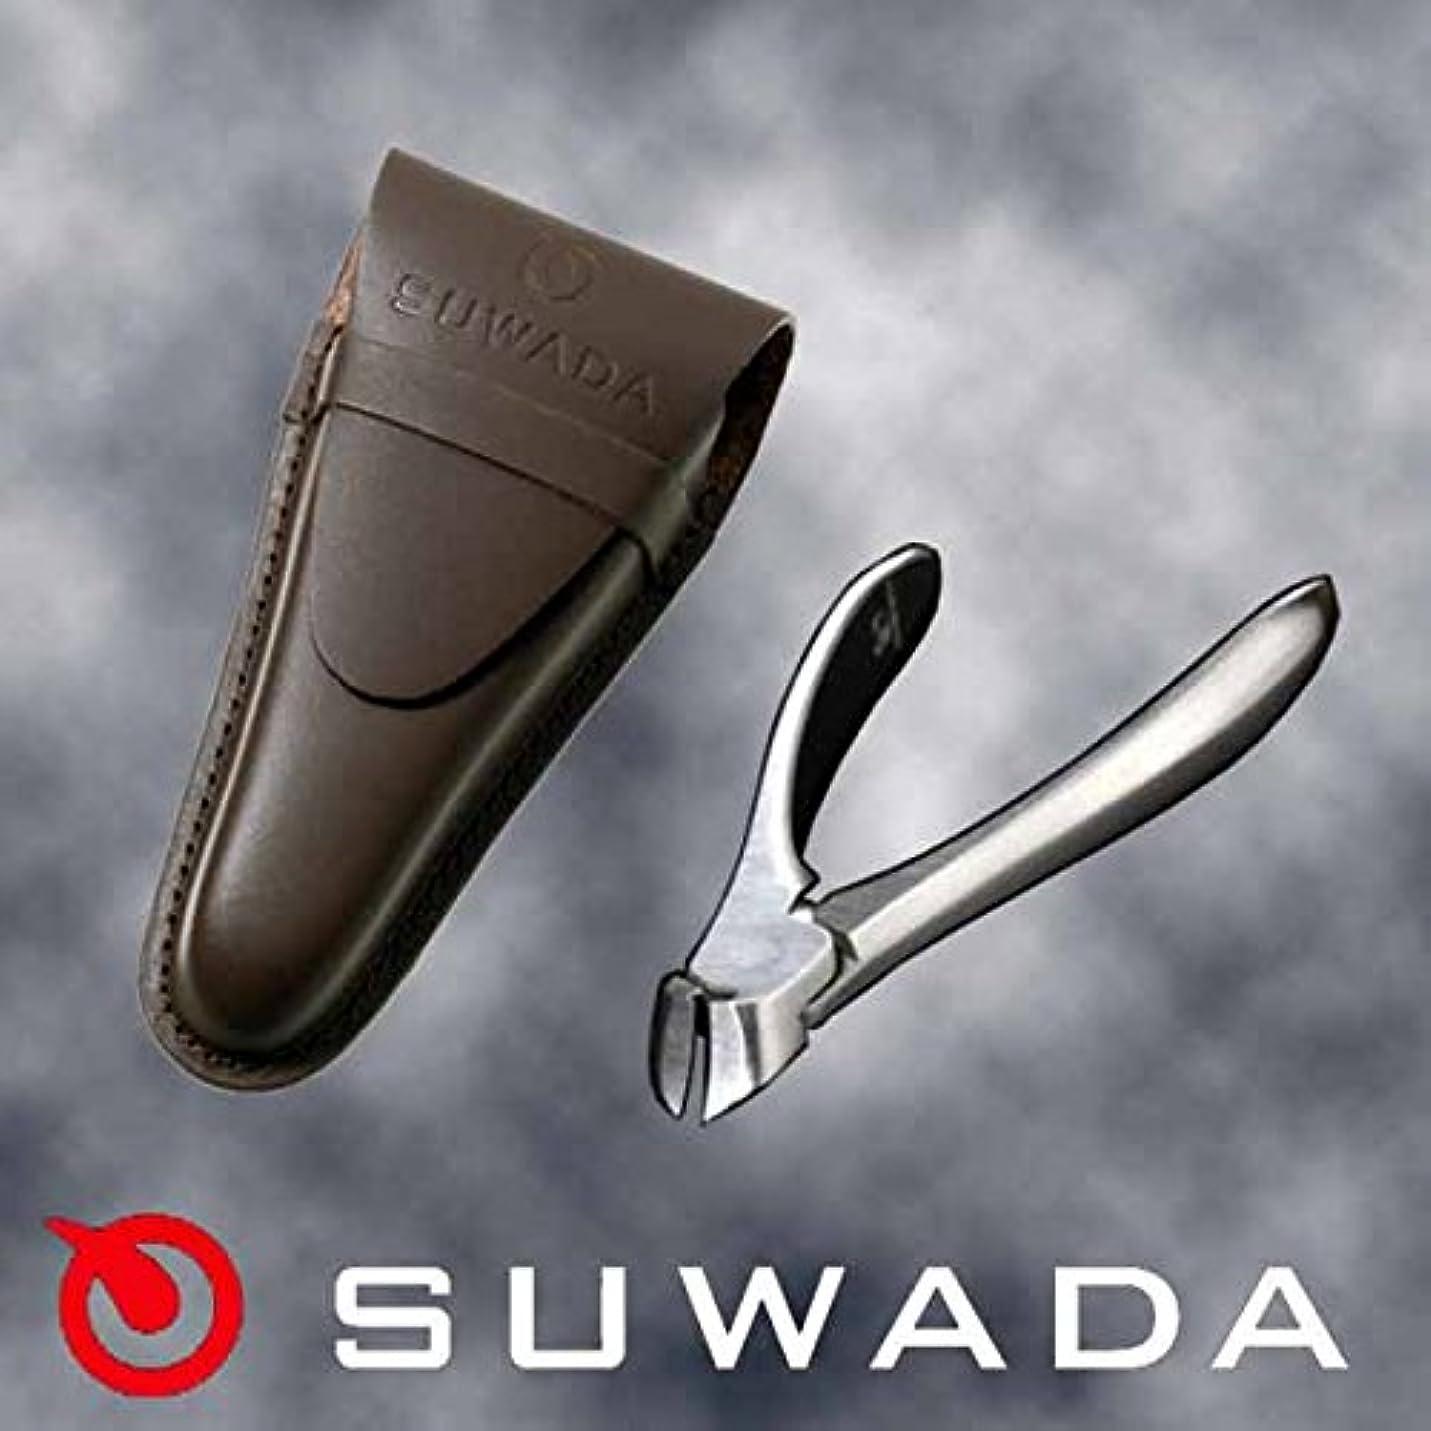 エンジニア許す文明化するSUWADA爪切りクラシックS&ブラウン(茶)革ケースセット 特注モデル 諏訪田製作所製 スワダの爪切り